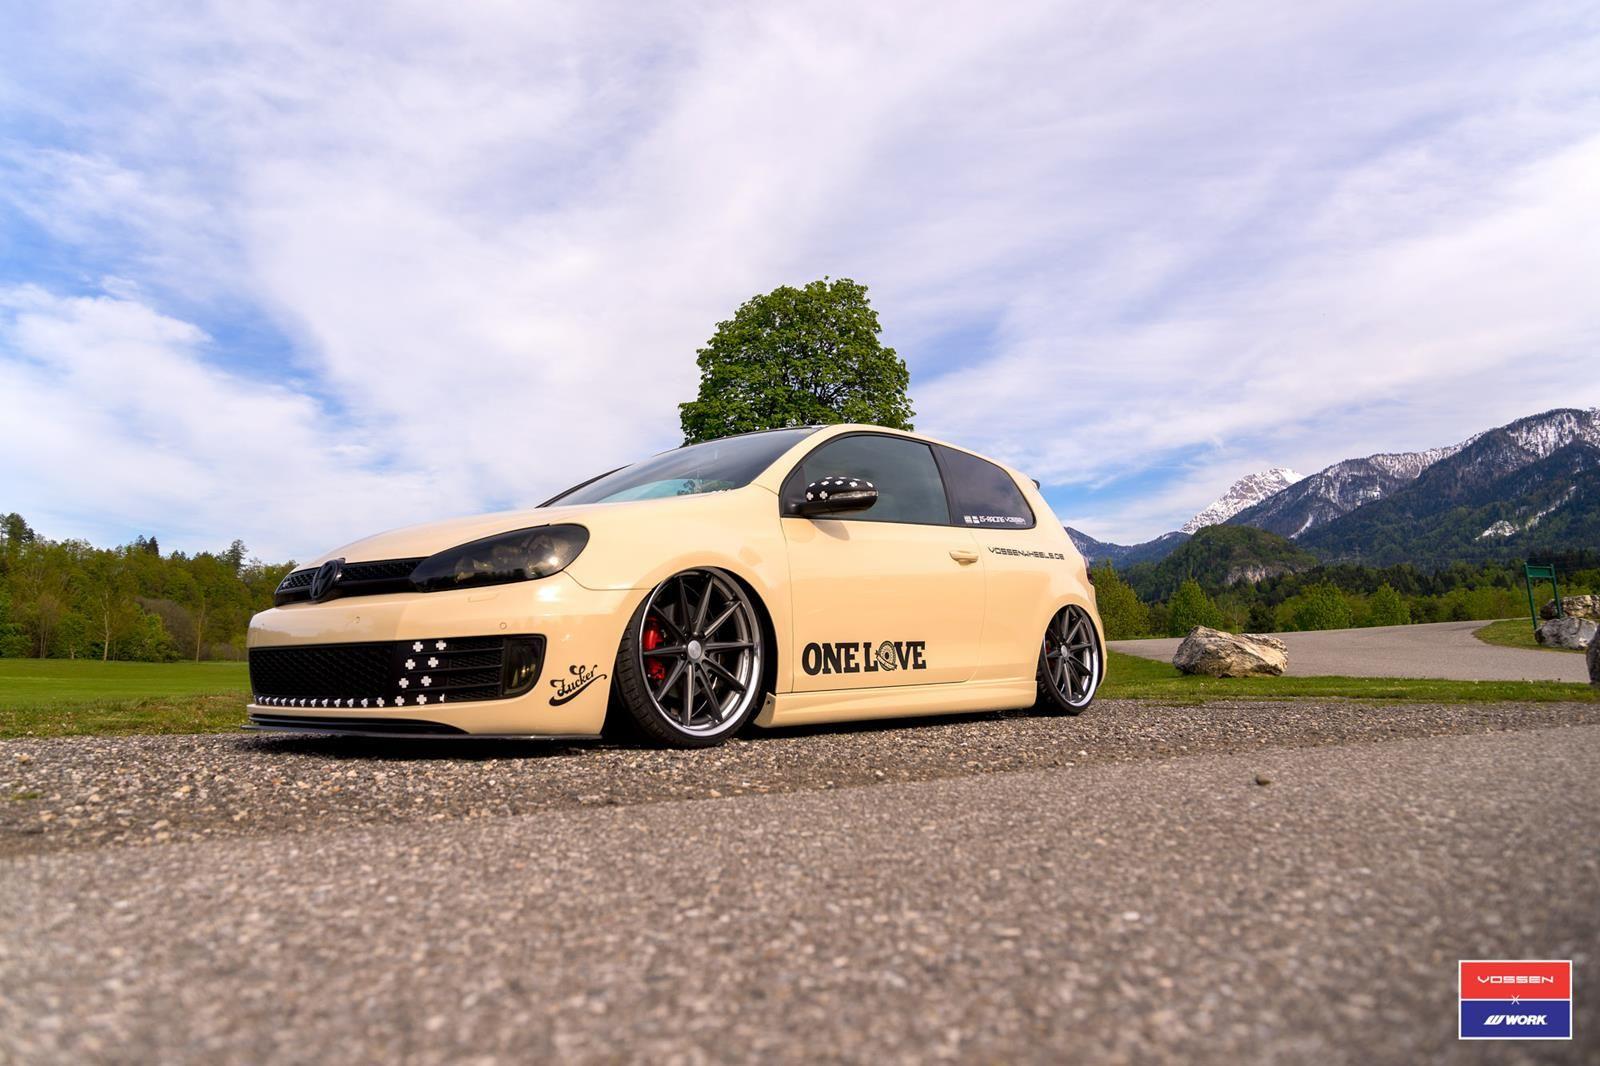 Vw golf r mk6 cars one love - Die Neue Vossen Vws 1 Alufelge Auf Einem Volkswagen Vw Golf Gti Die Felge